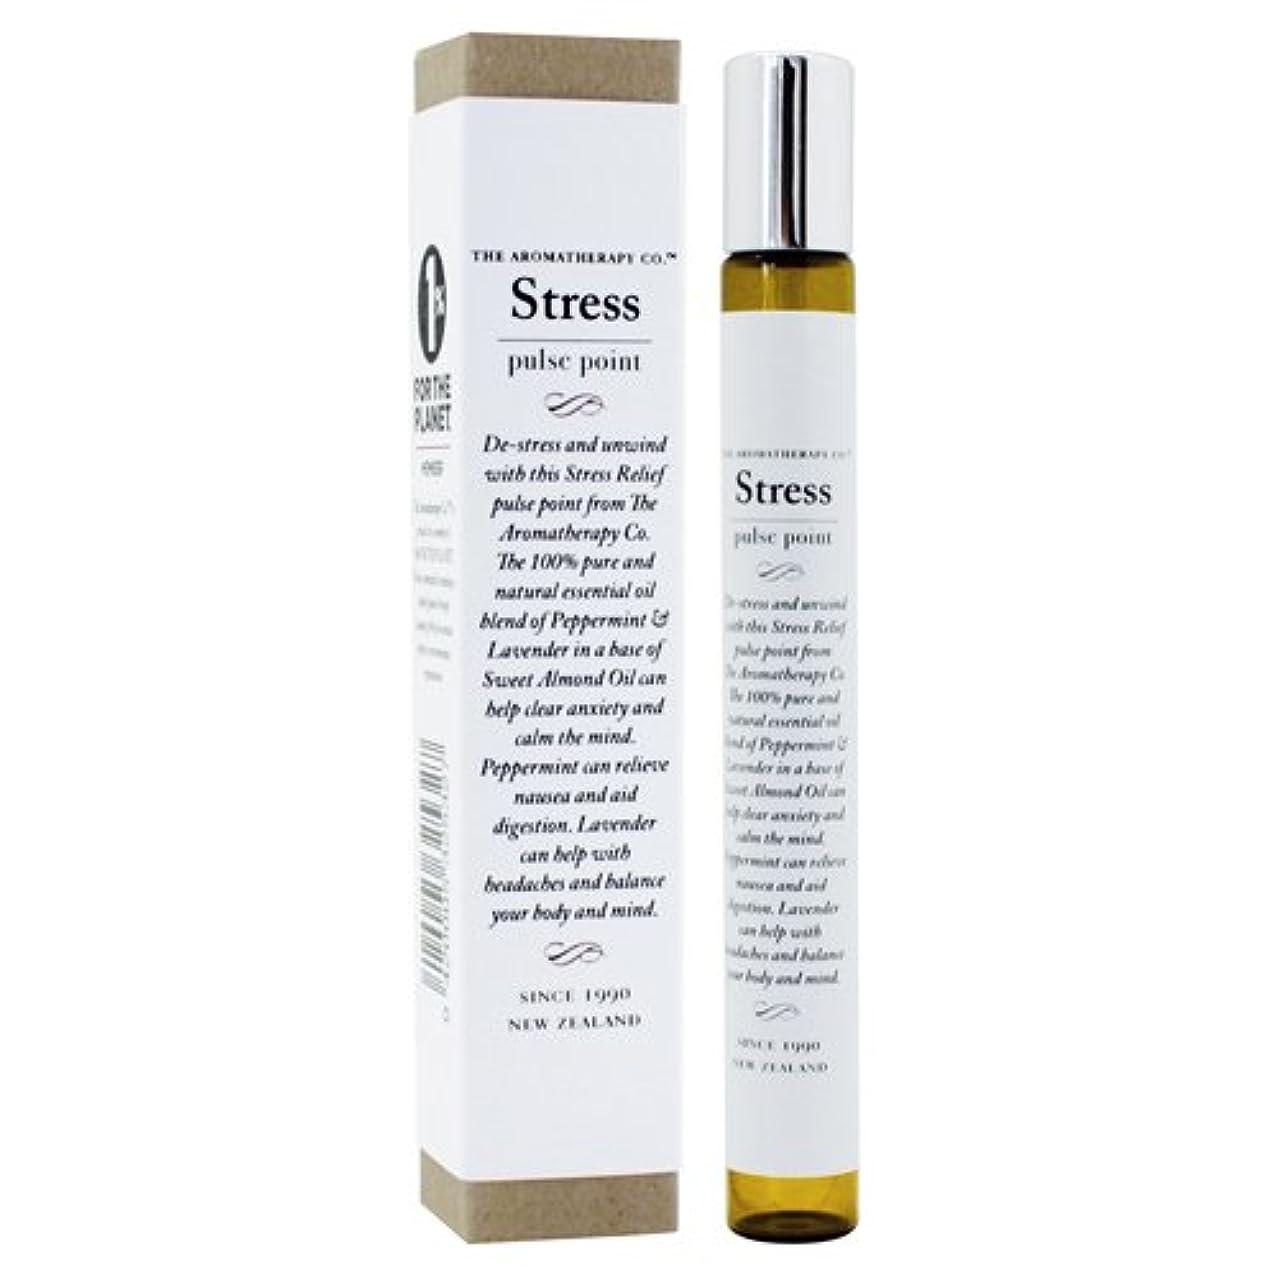 ミンチ満足動かすTherapy Range セラピーレンジ Pulse Pointパルスポイント Stressストレス